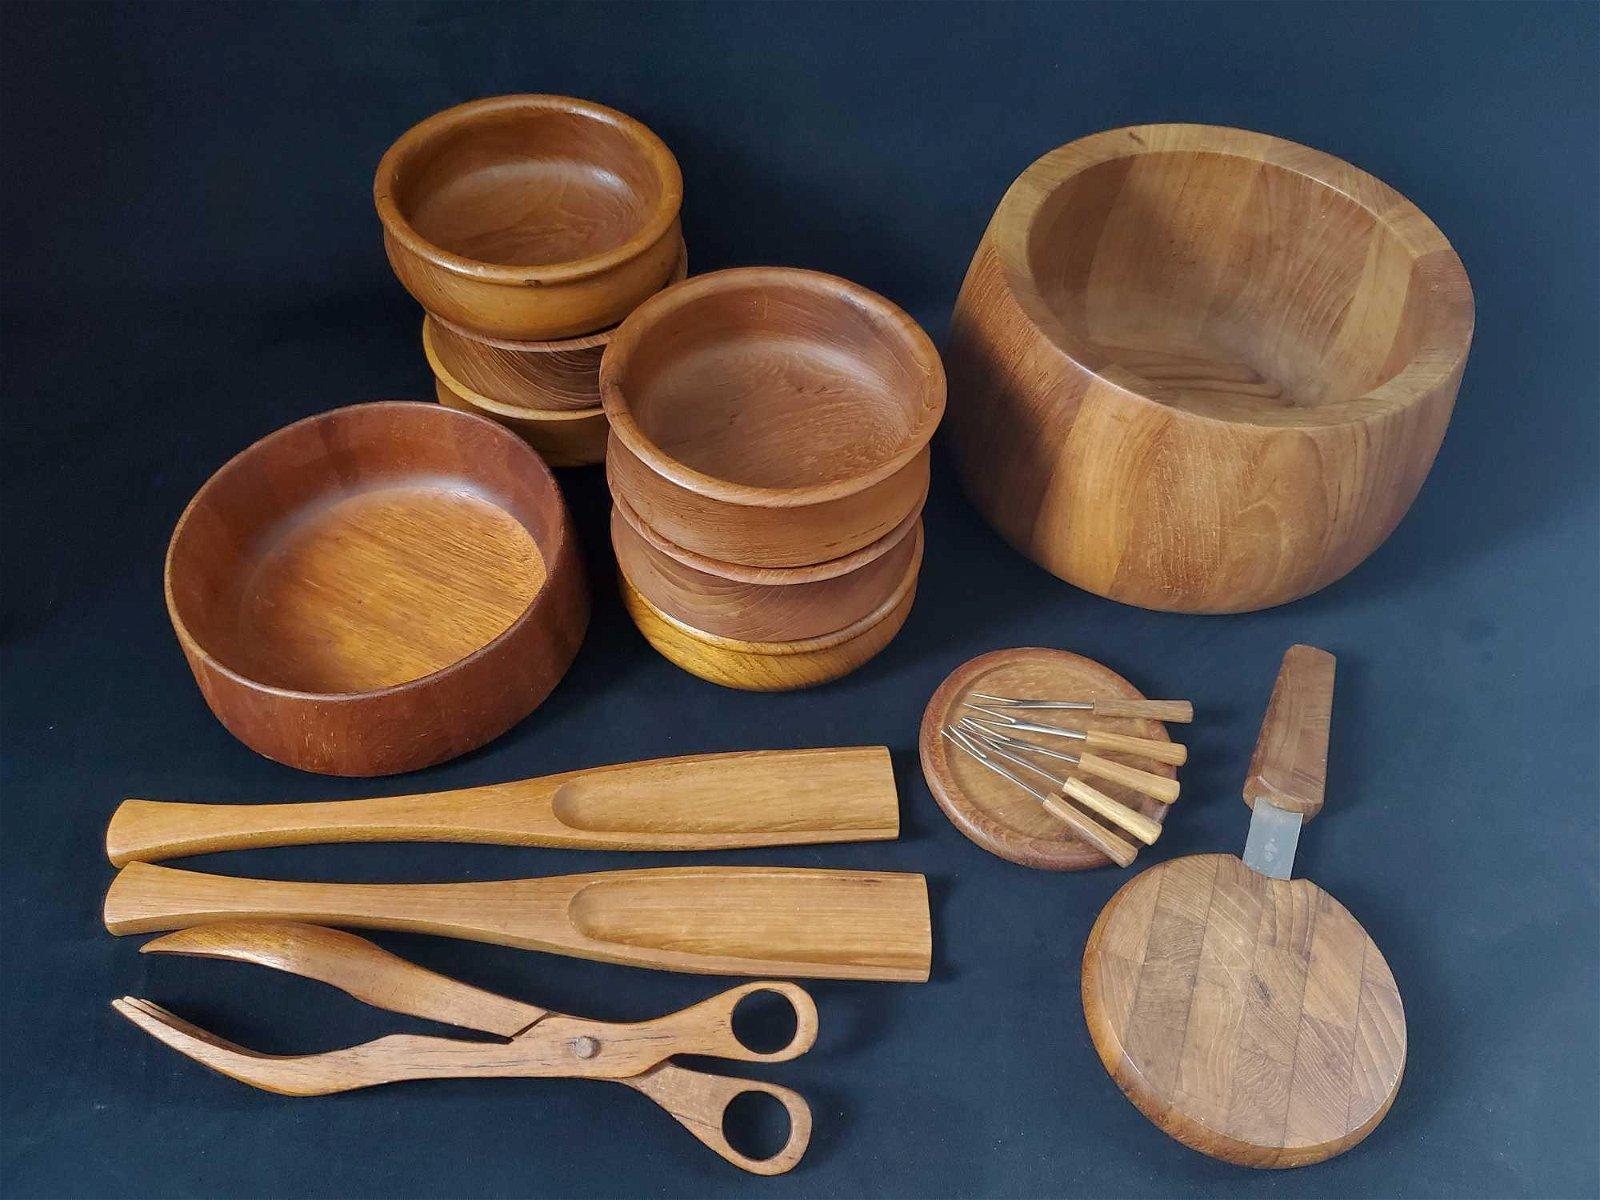 18 Piece Dansk Malaysia Wooden Kitchen Set